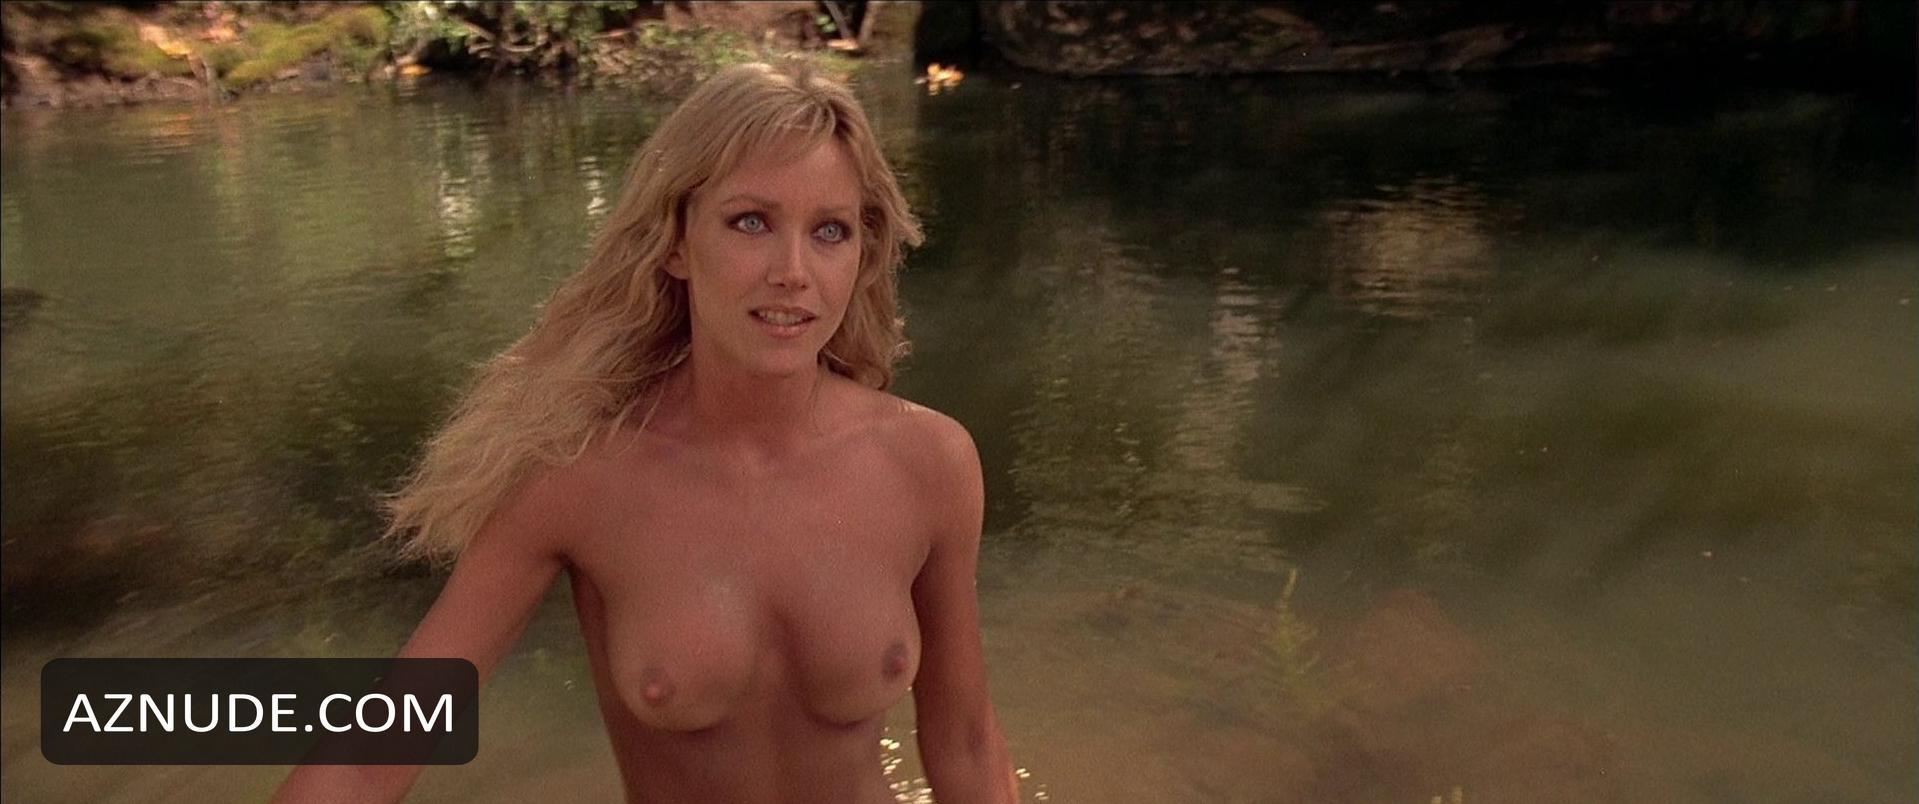 Tanya roberts nude pics-4311